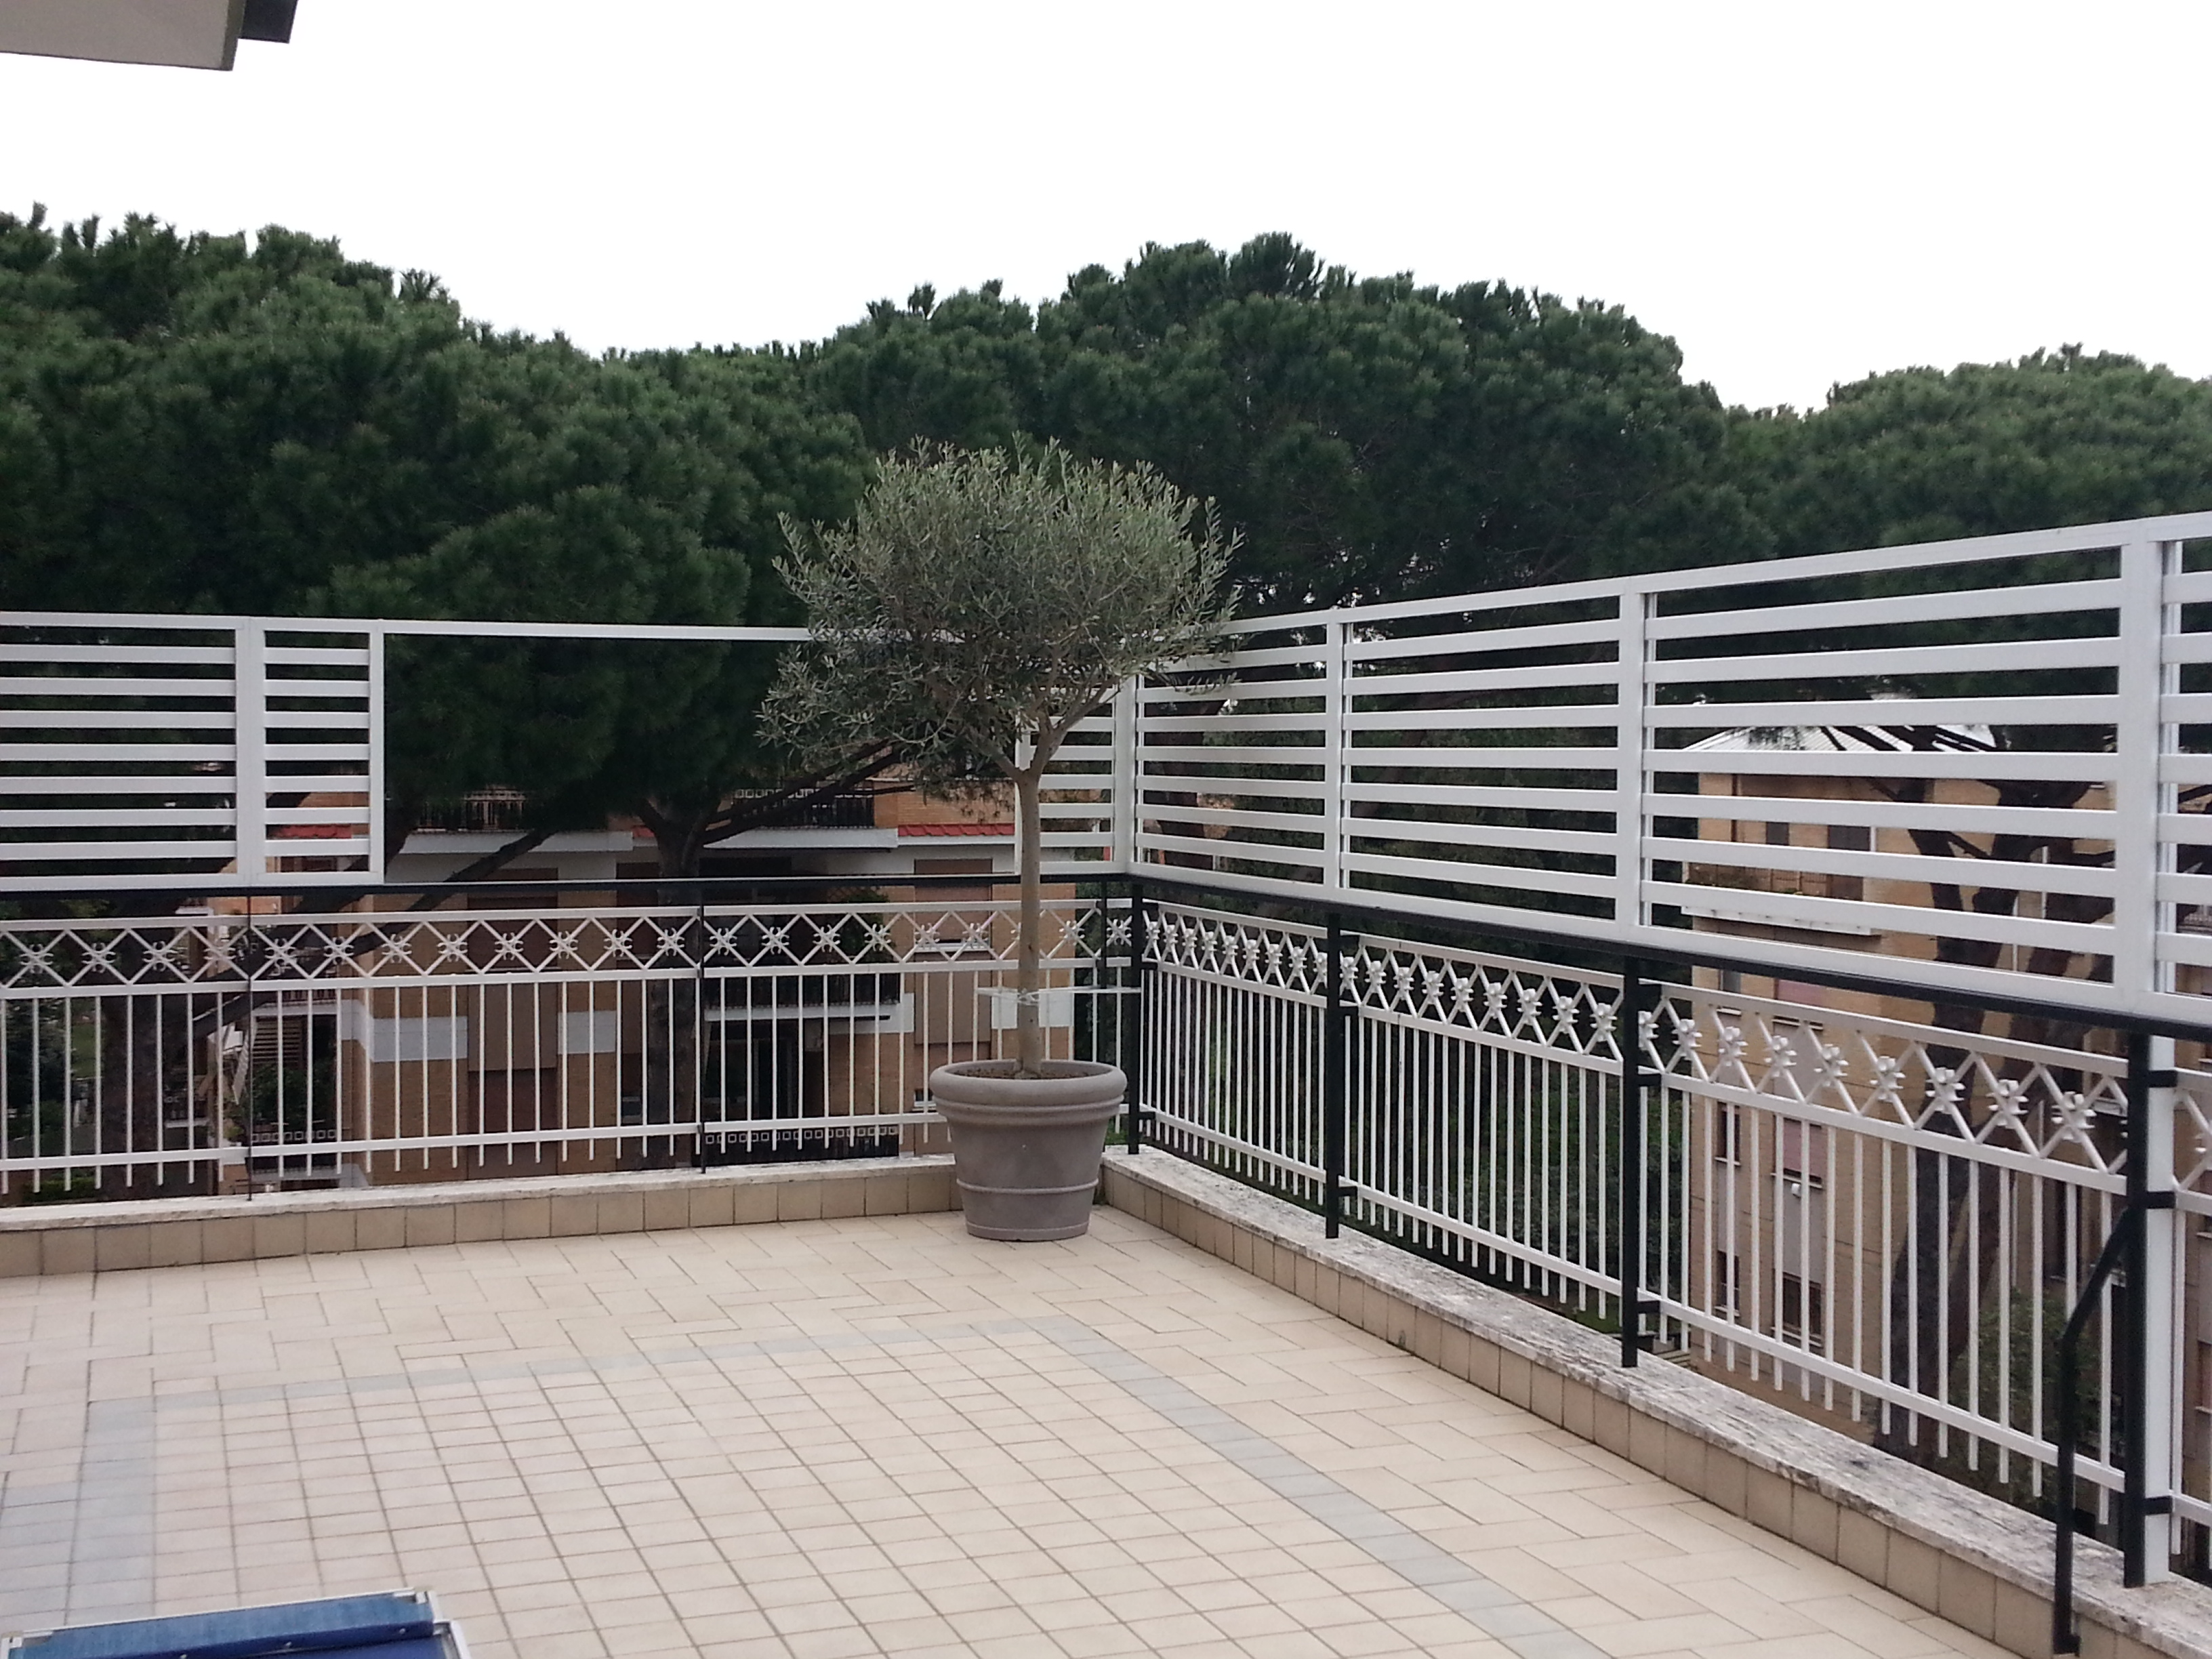 Fotografia di un Frangisole in alluminio verniciato bianco, spazio di cm. 4 tra le doghe. Montaggio sel terrazzo di un attico a Roma, quartiere Monteverde.